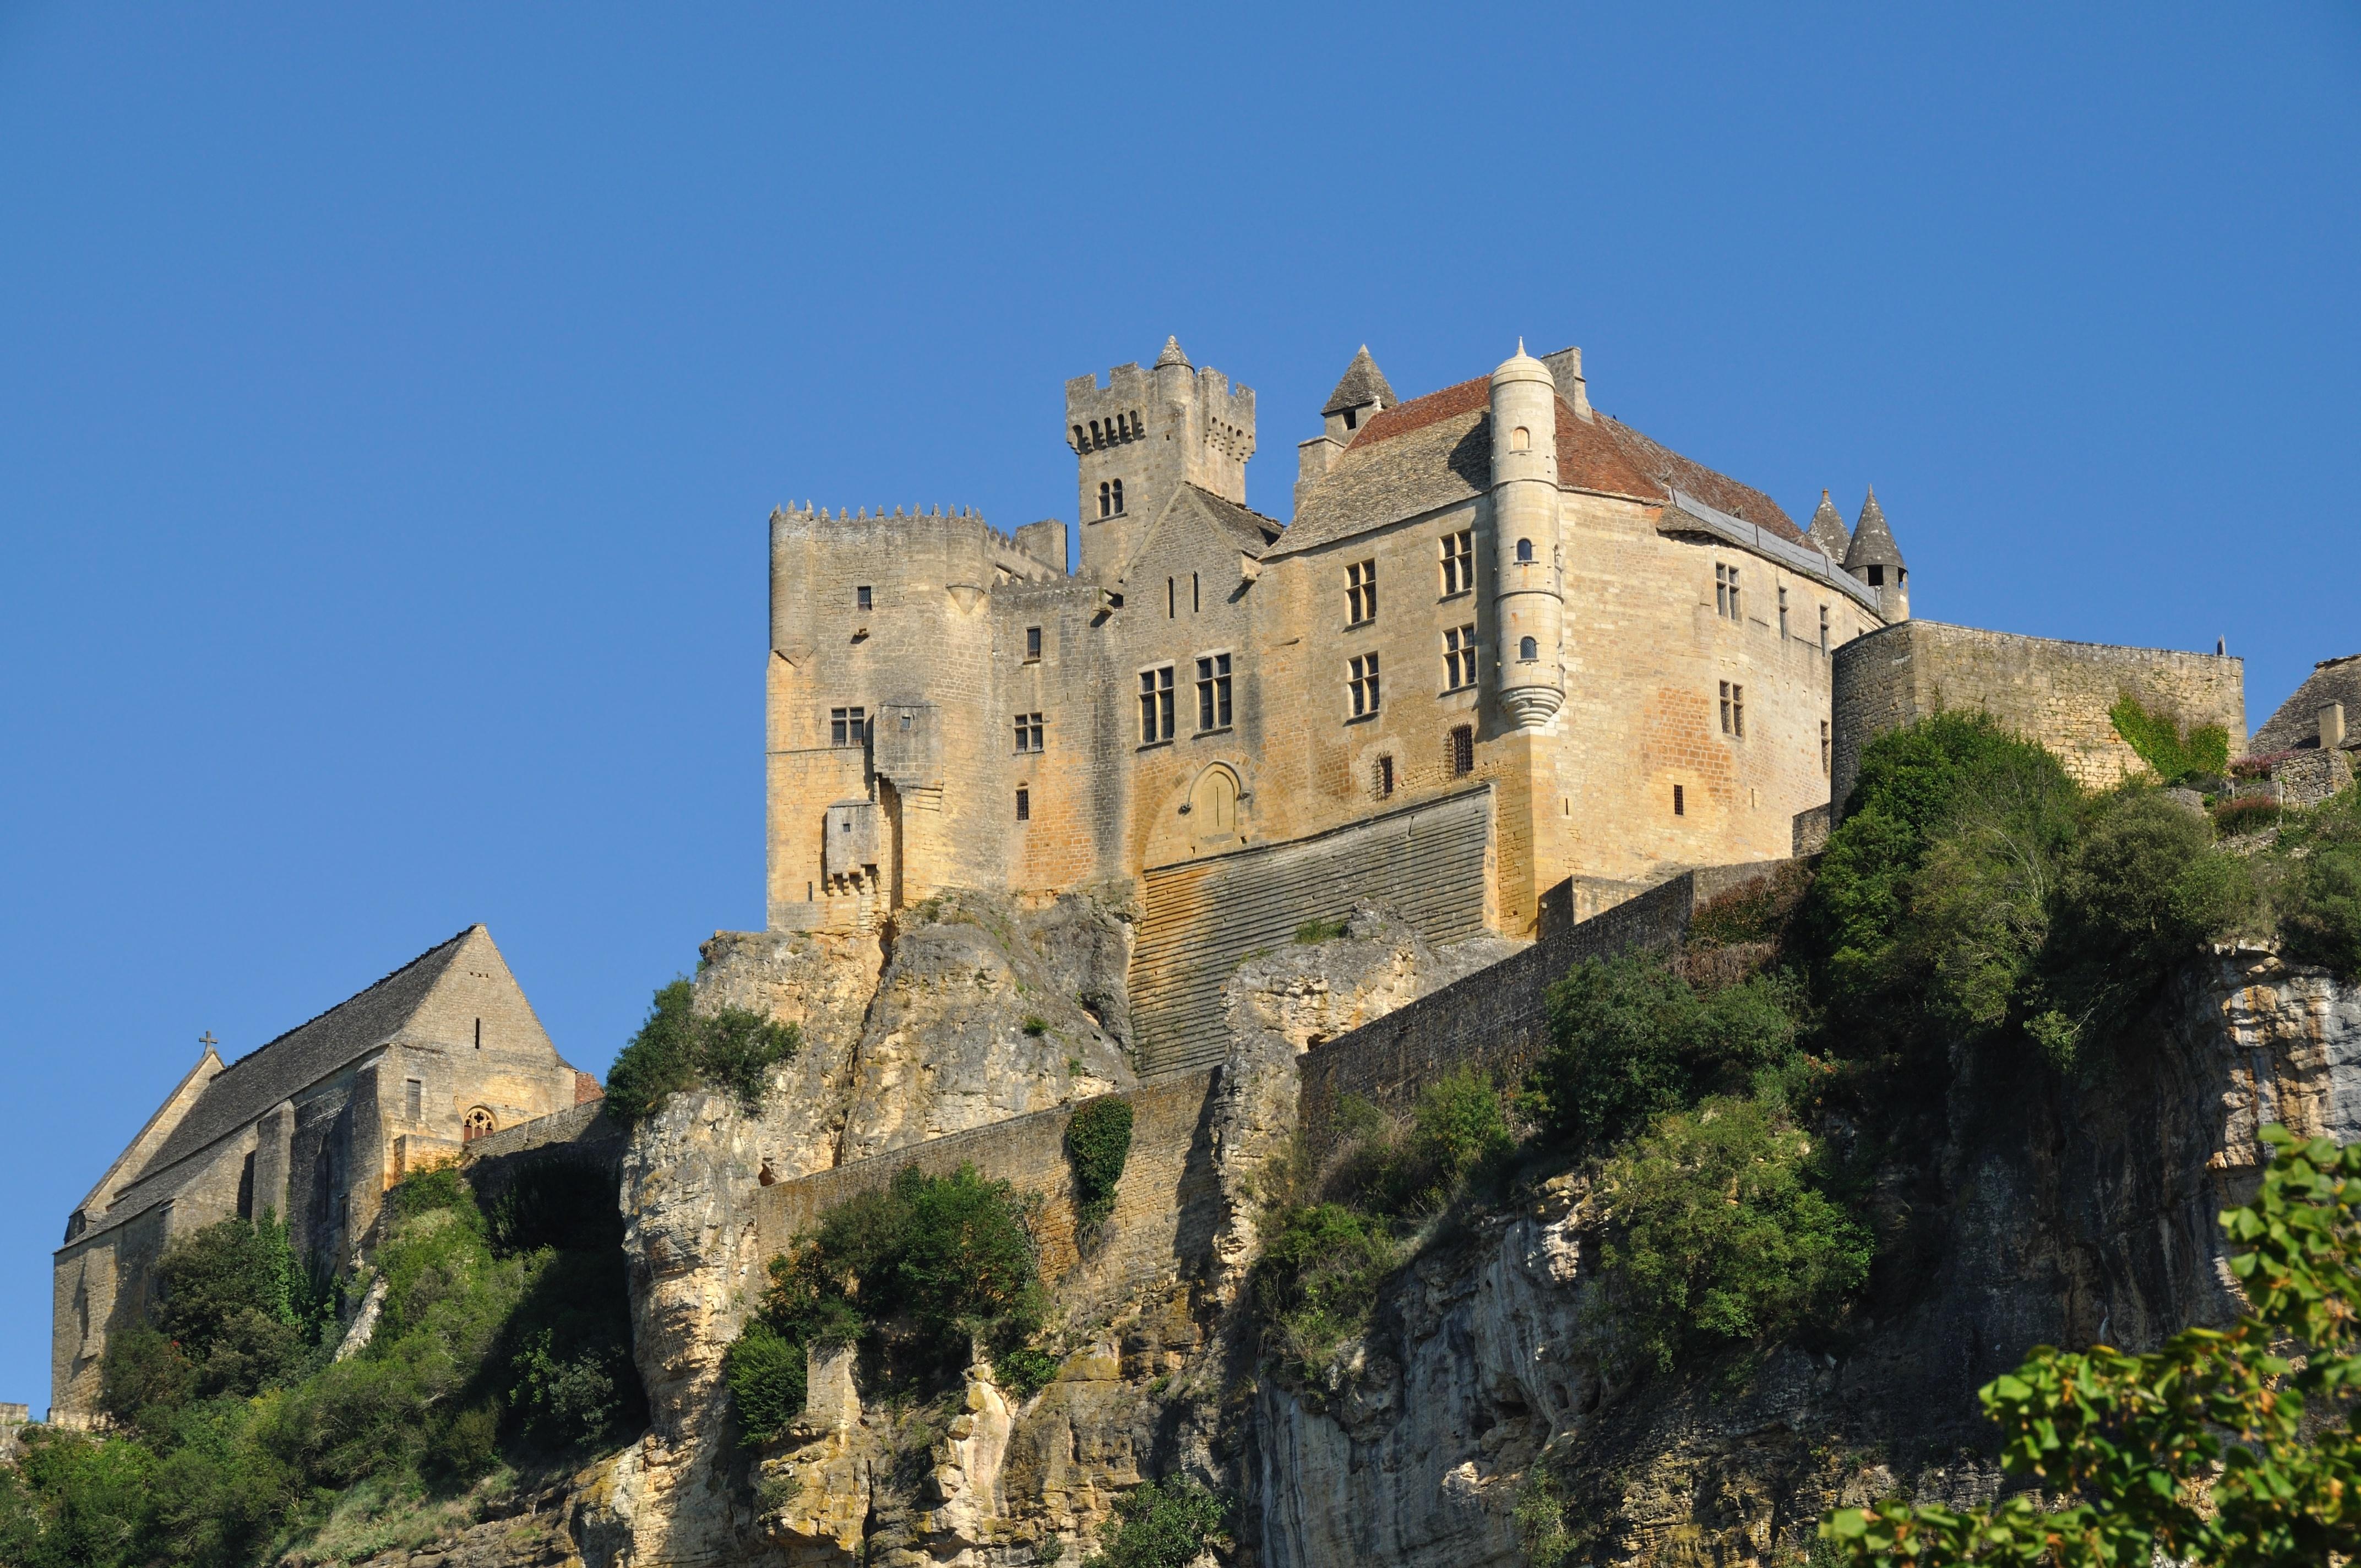 File:Château de Beynac (Dordogne).jpg - Wikimedia Commons